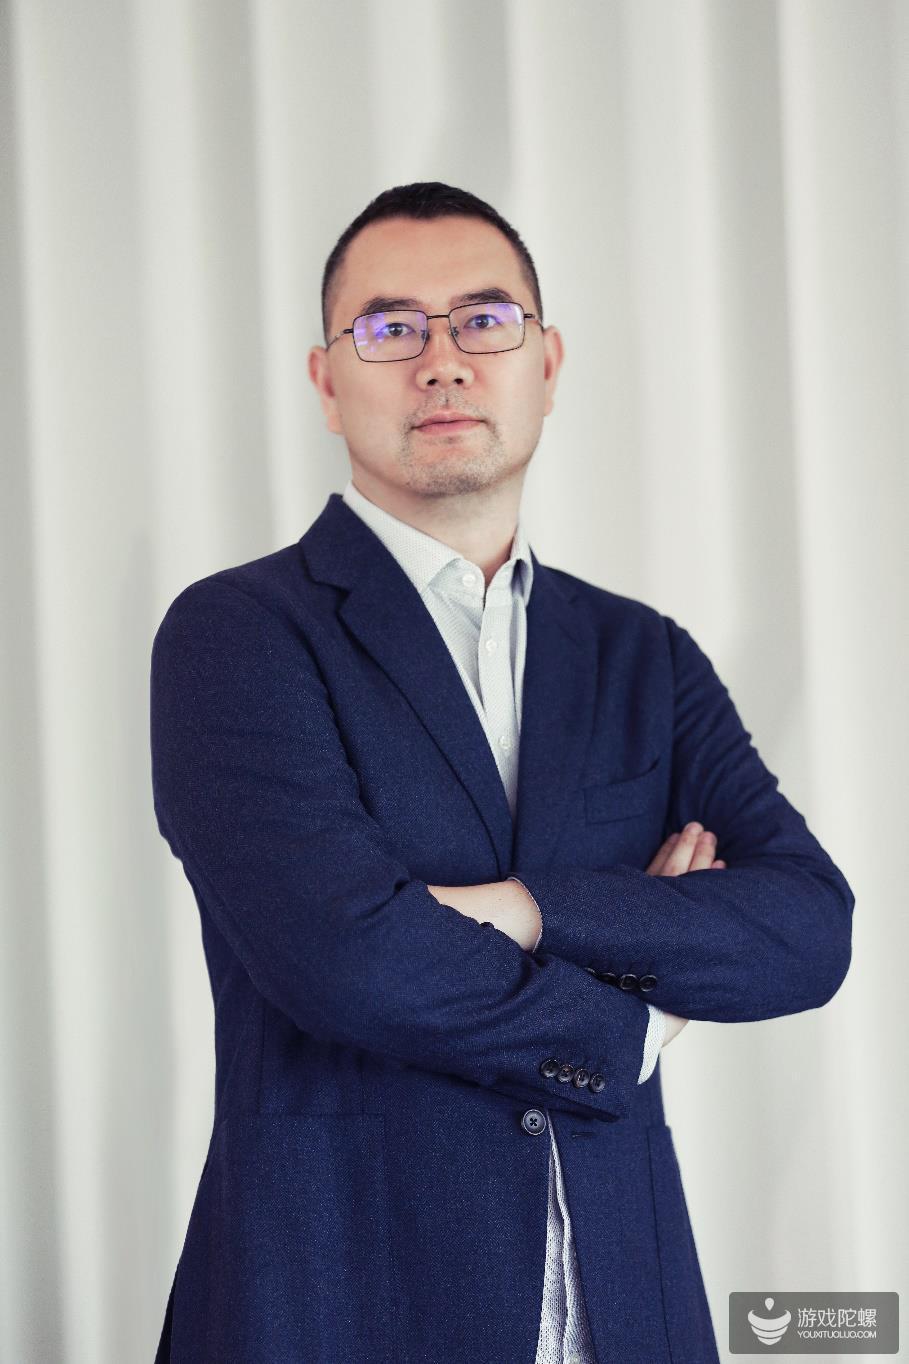 巨人网络任命聂志明为CTO 成立人工智能实验室